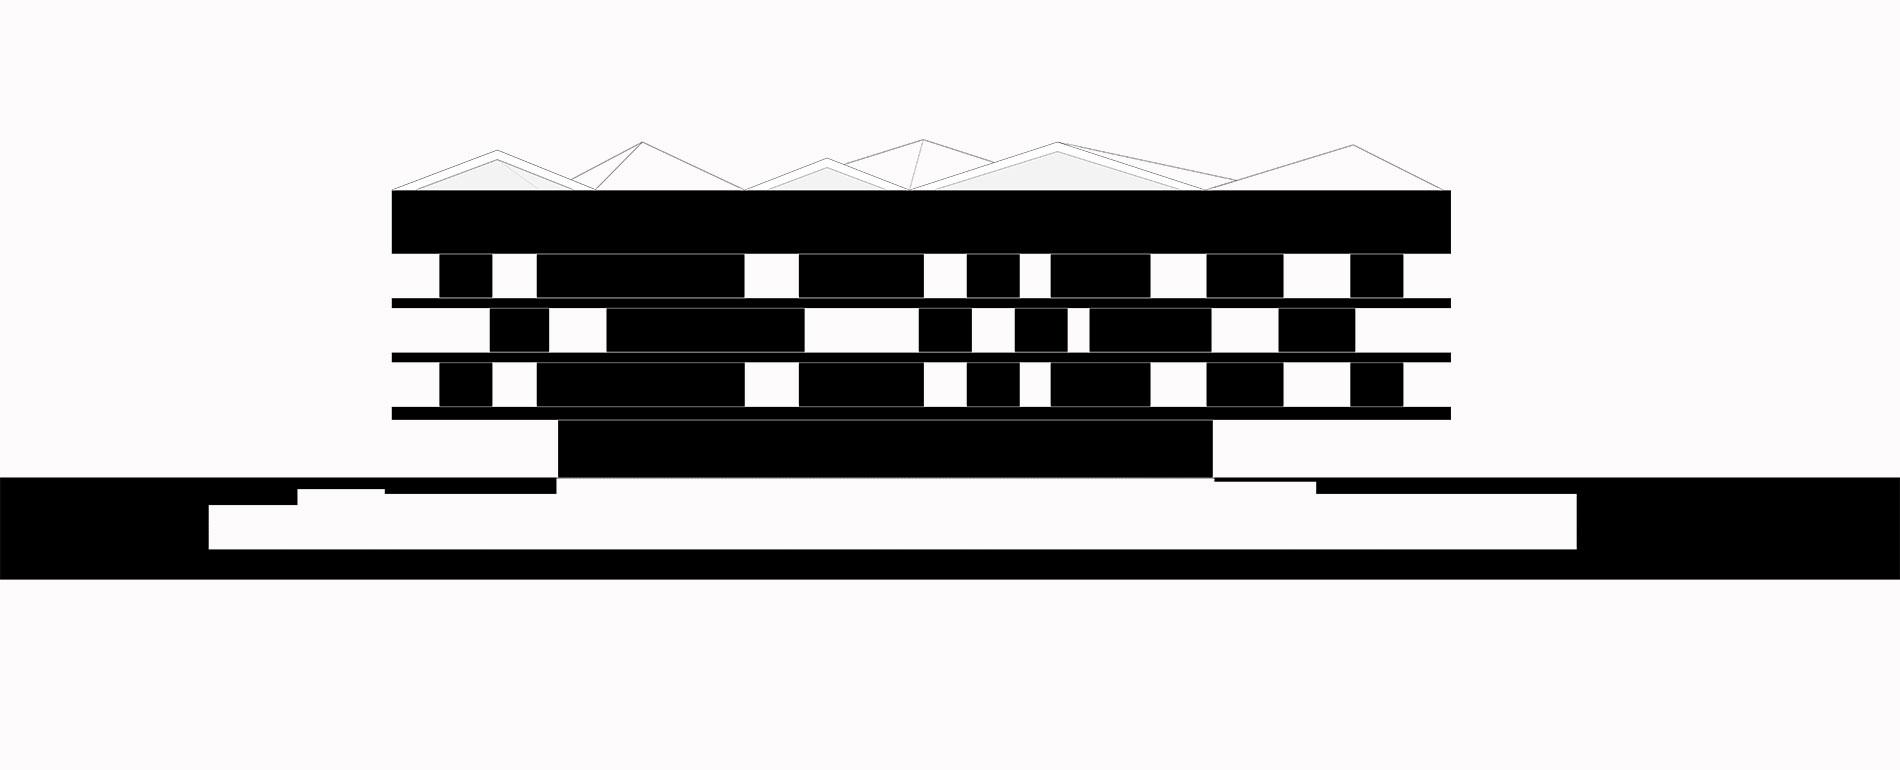 Belvedere-Vaduz_ diagram